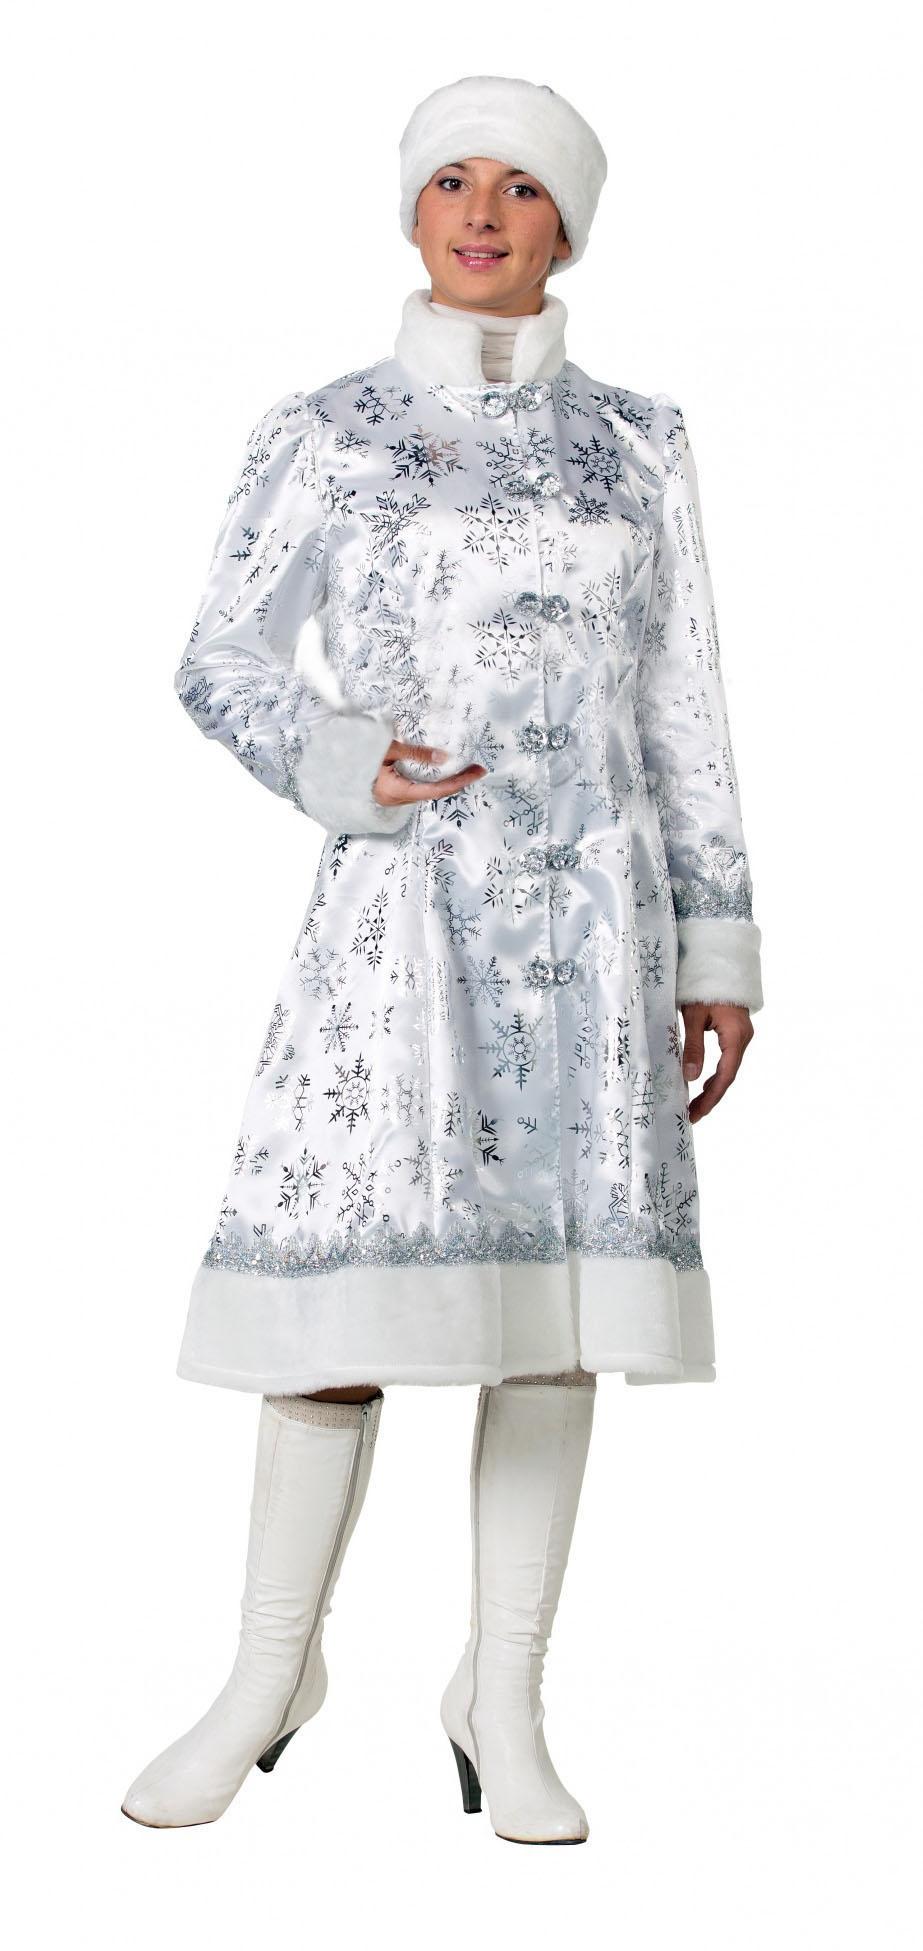 Карнавальный костюм Статная Снегурочка (50) от Vkostume